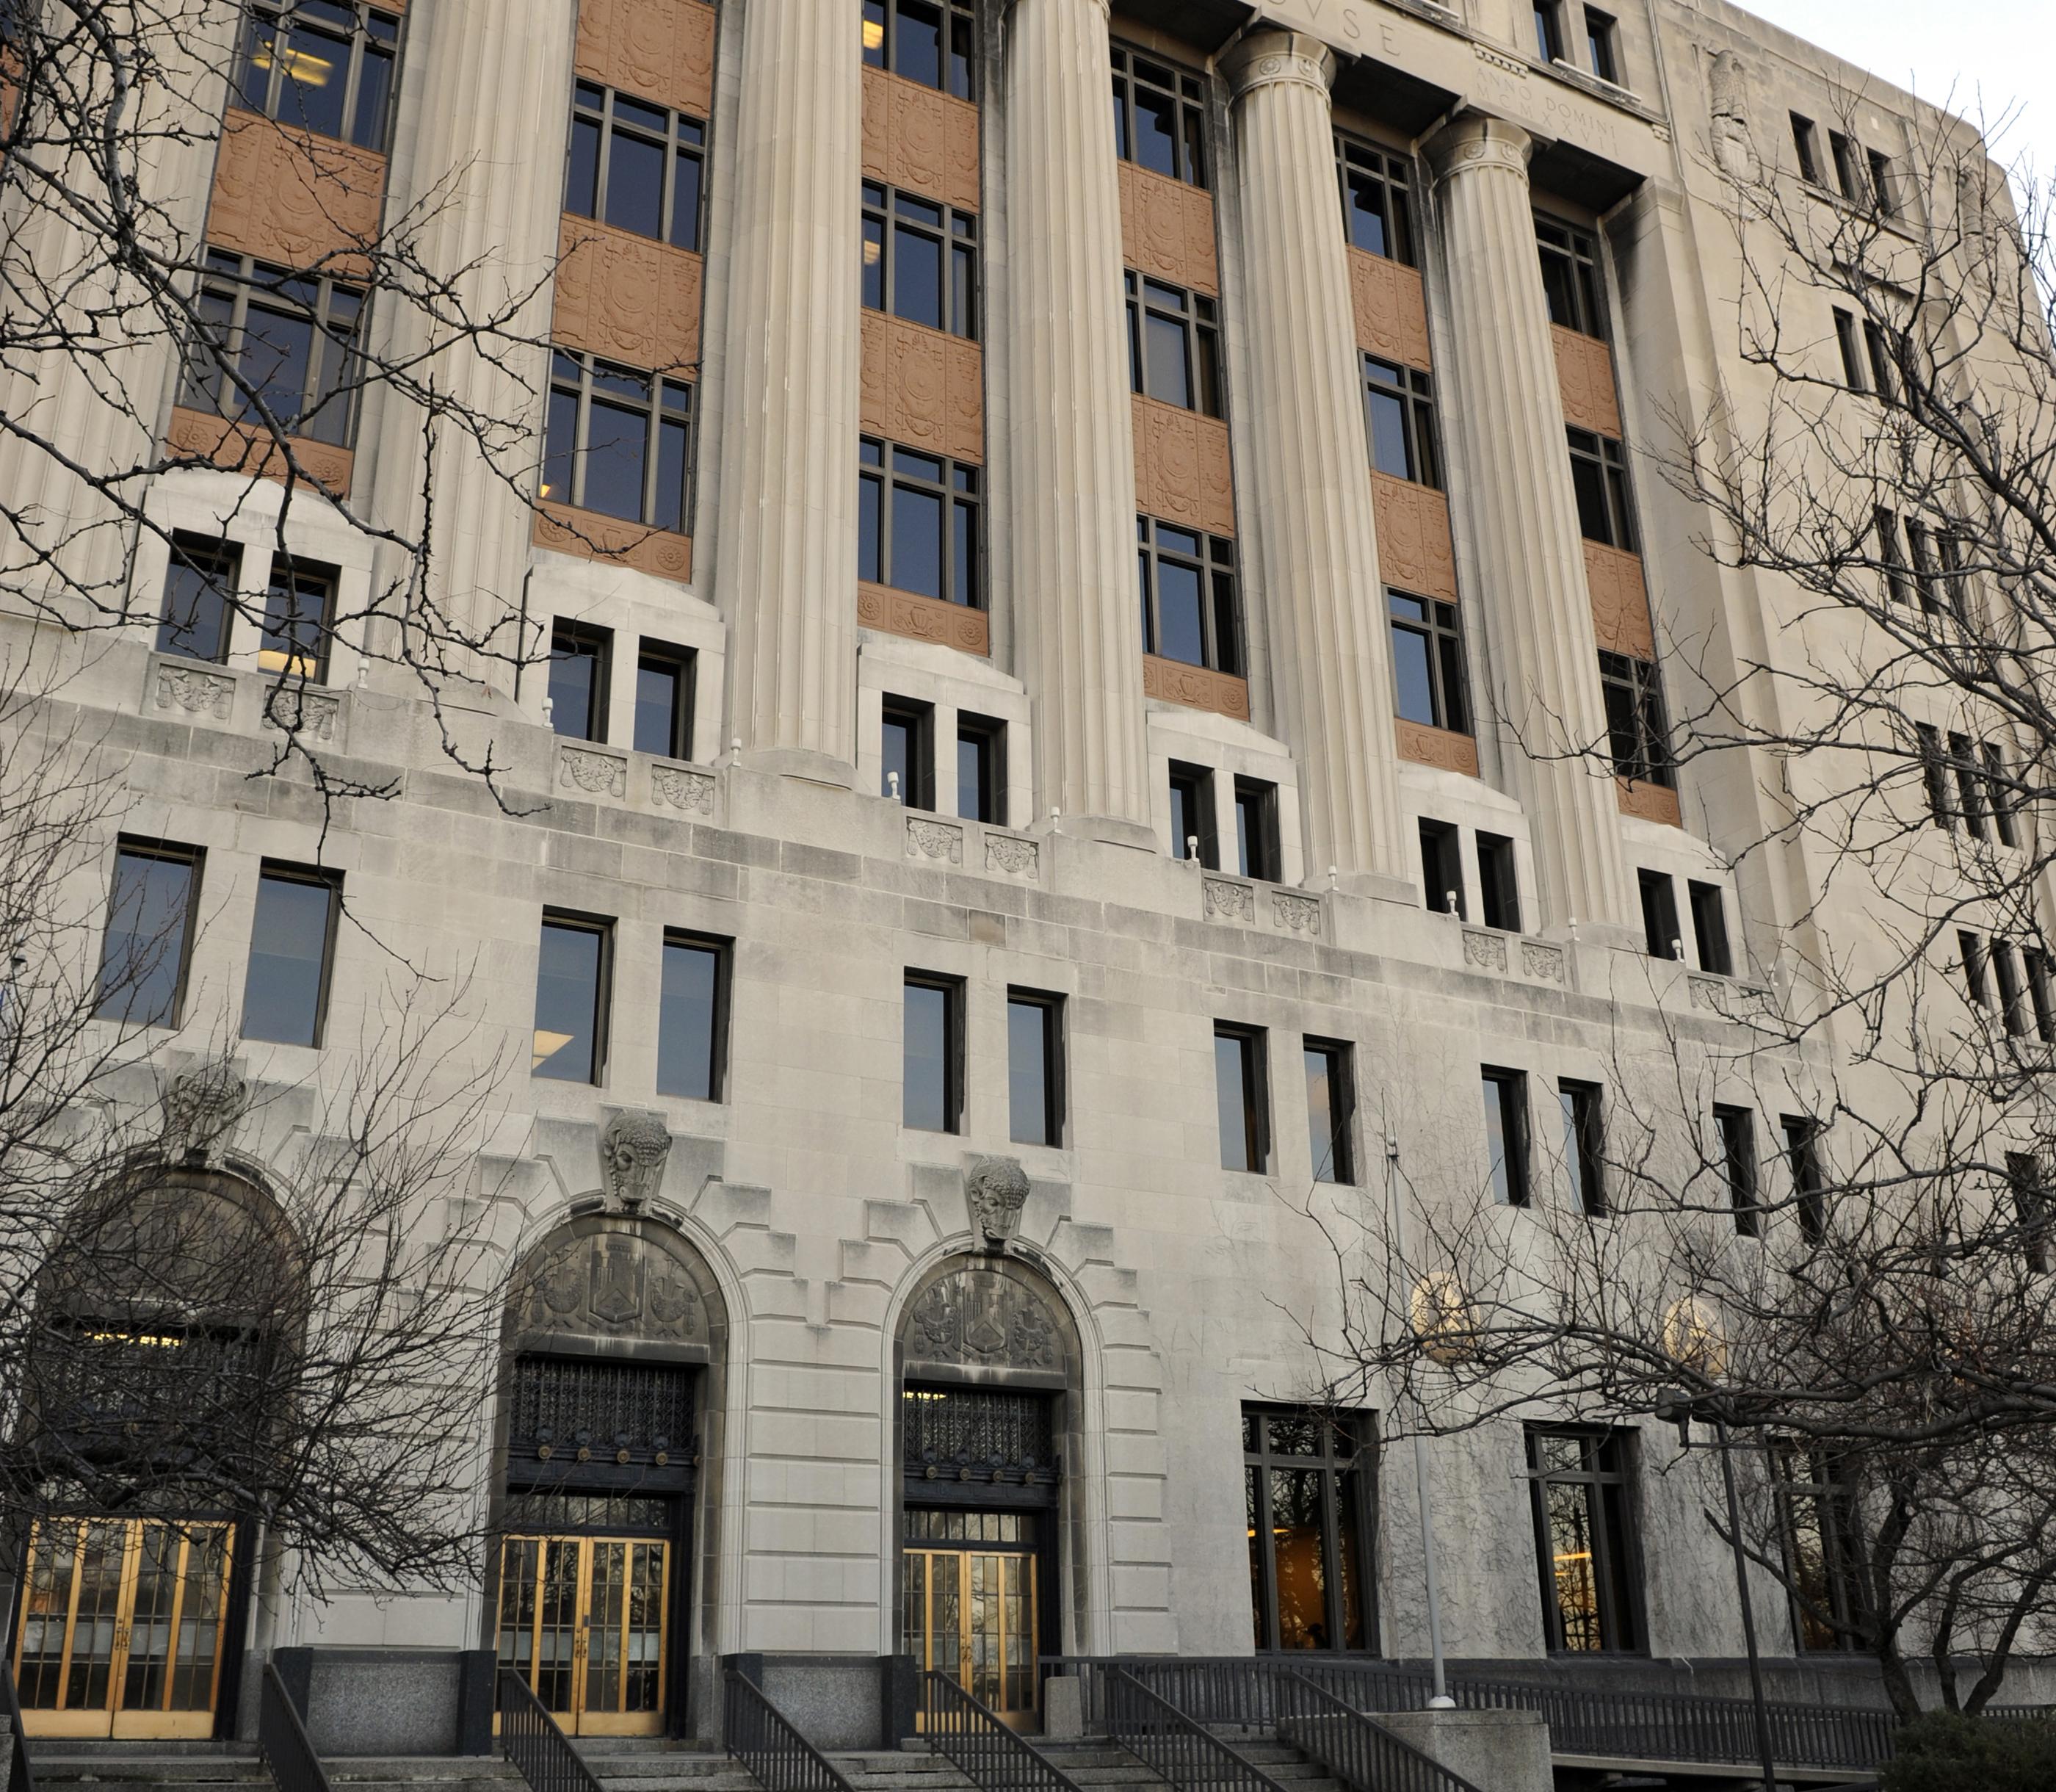 The Leighton Criminal Courthouse